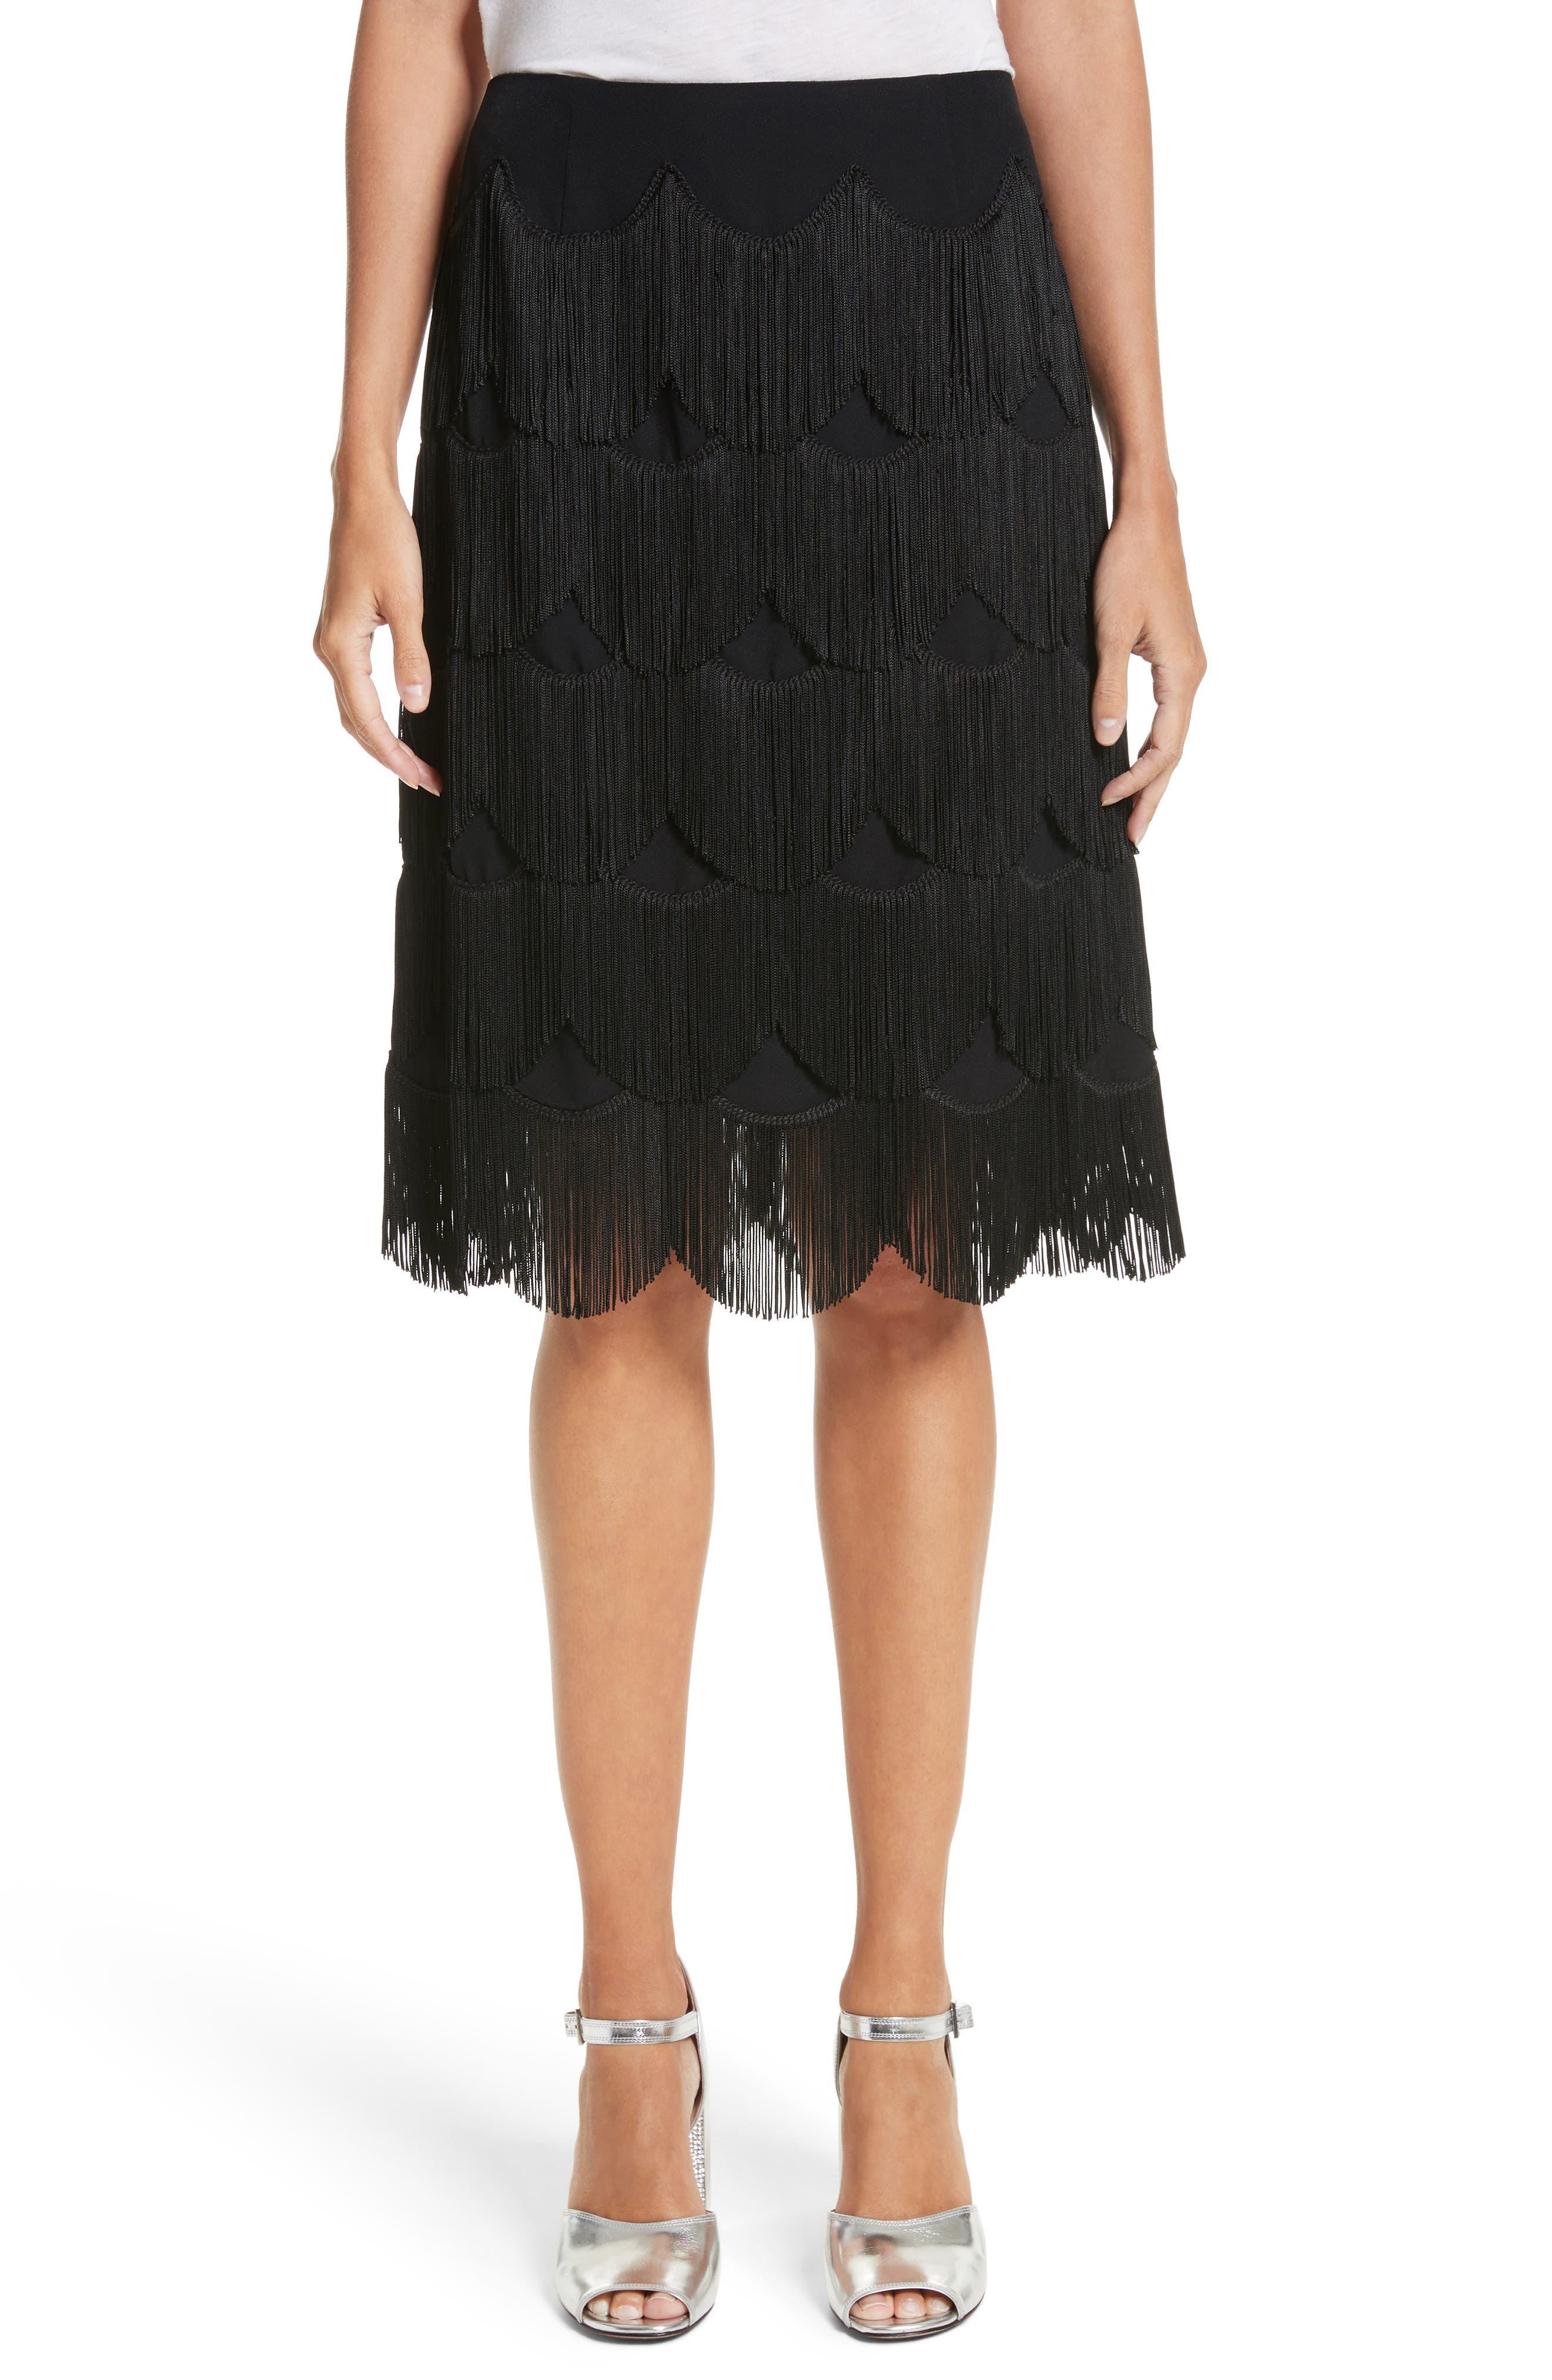 Alternate Image 1 Selected - MARC JACOBS Fringe Skirt